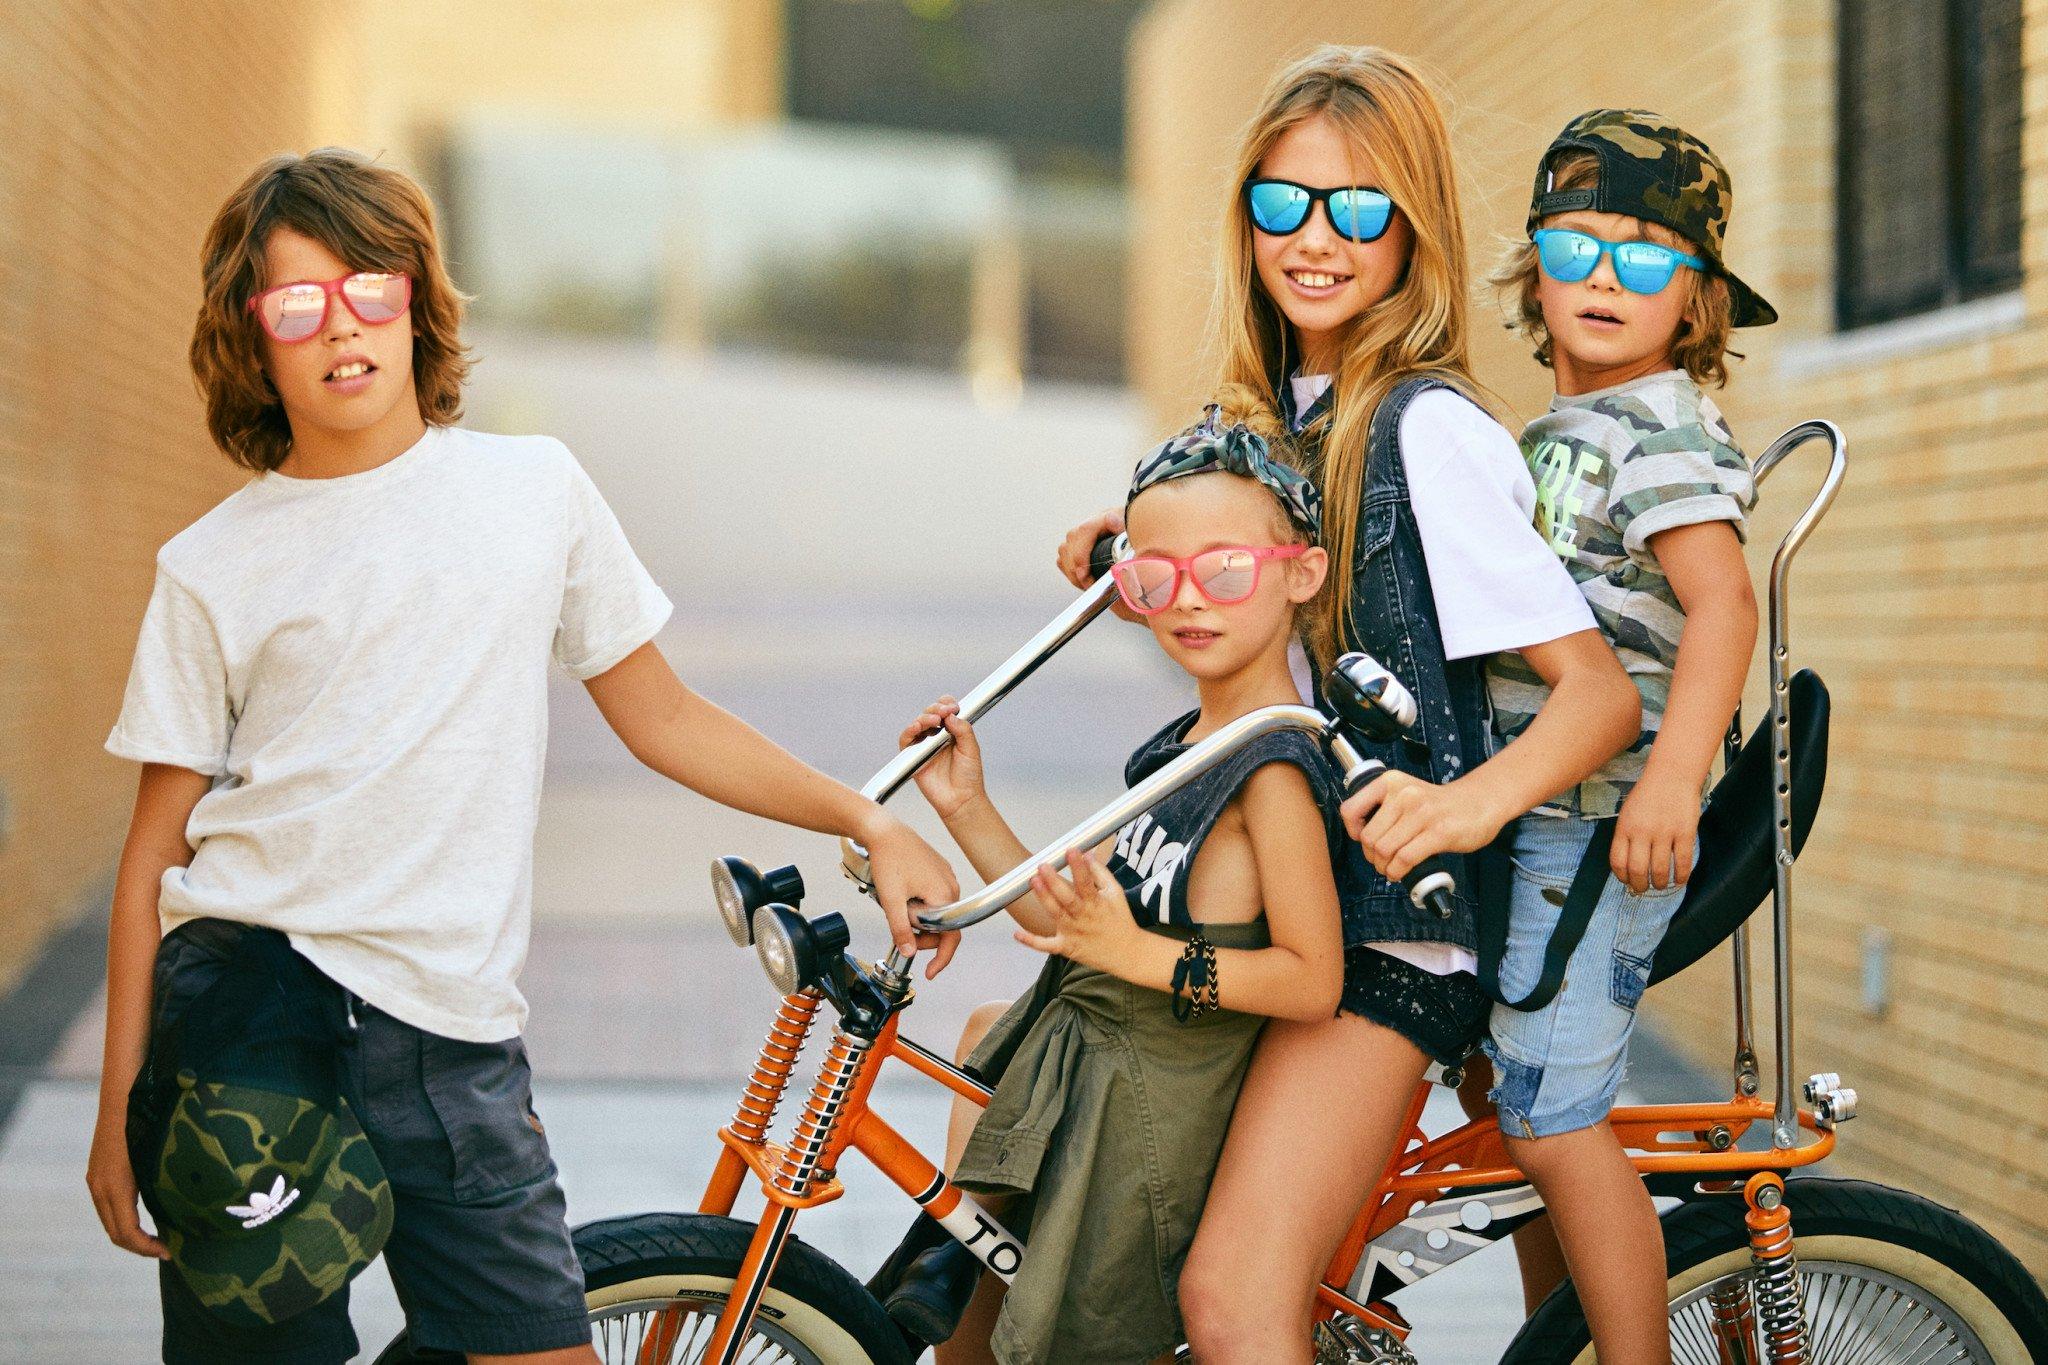 Los Martínez Banco de bicis alquiler de bicicletas especiales Torrot custom gafas niños Clandestine